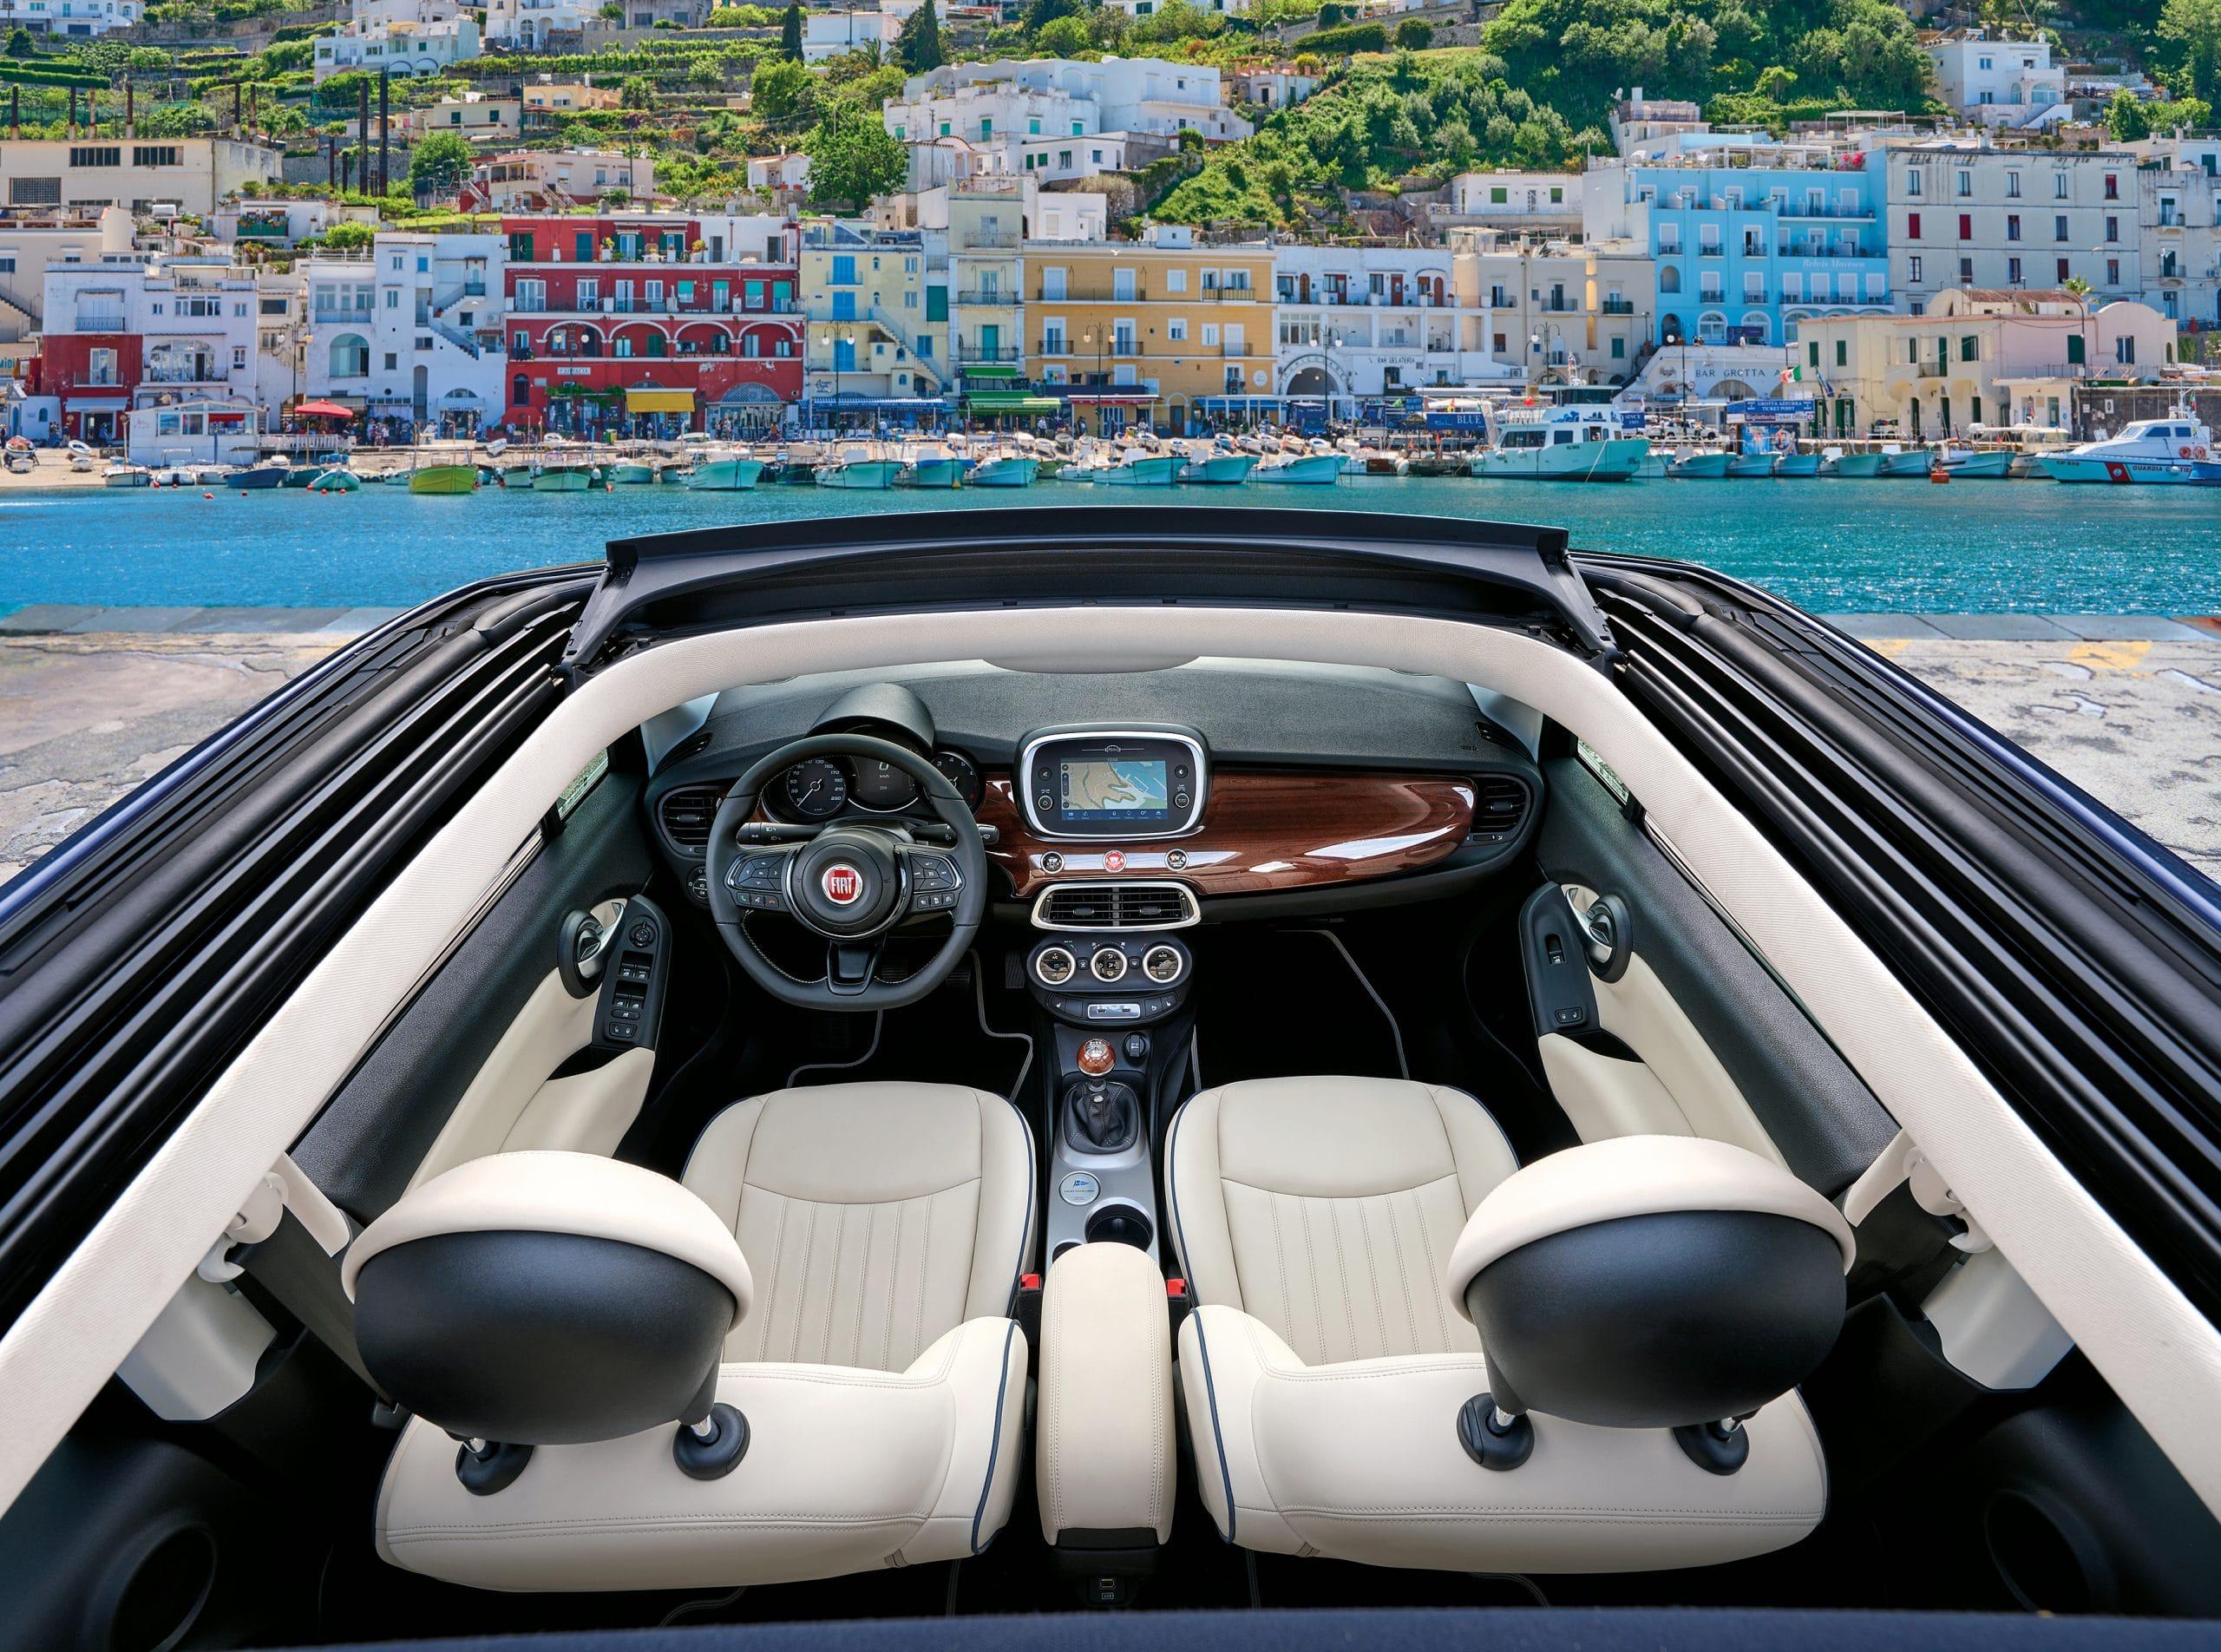 16 500X Yachting scaled 500Χ Yachting : H Fiat γιορτάζει το καλοκαίρι με την πιο ξεχωριστή έκδοση του 500 500, 500Χ Yachting, Fiat, Fiat 500, Fiat 500X, ειδήσεις, Νέα